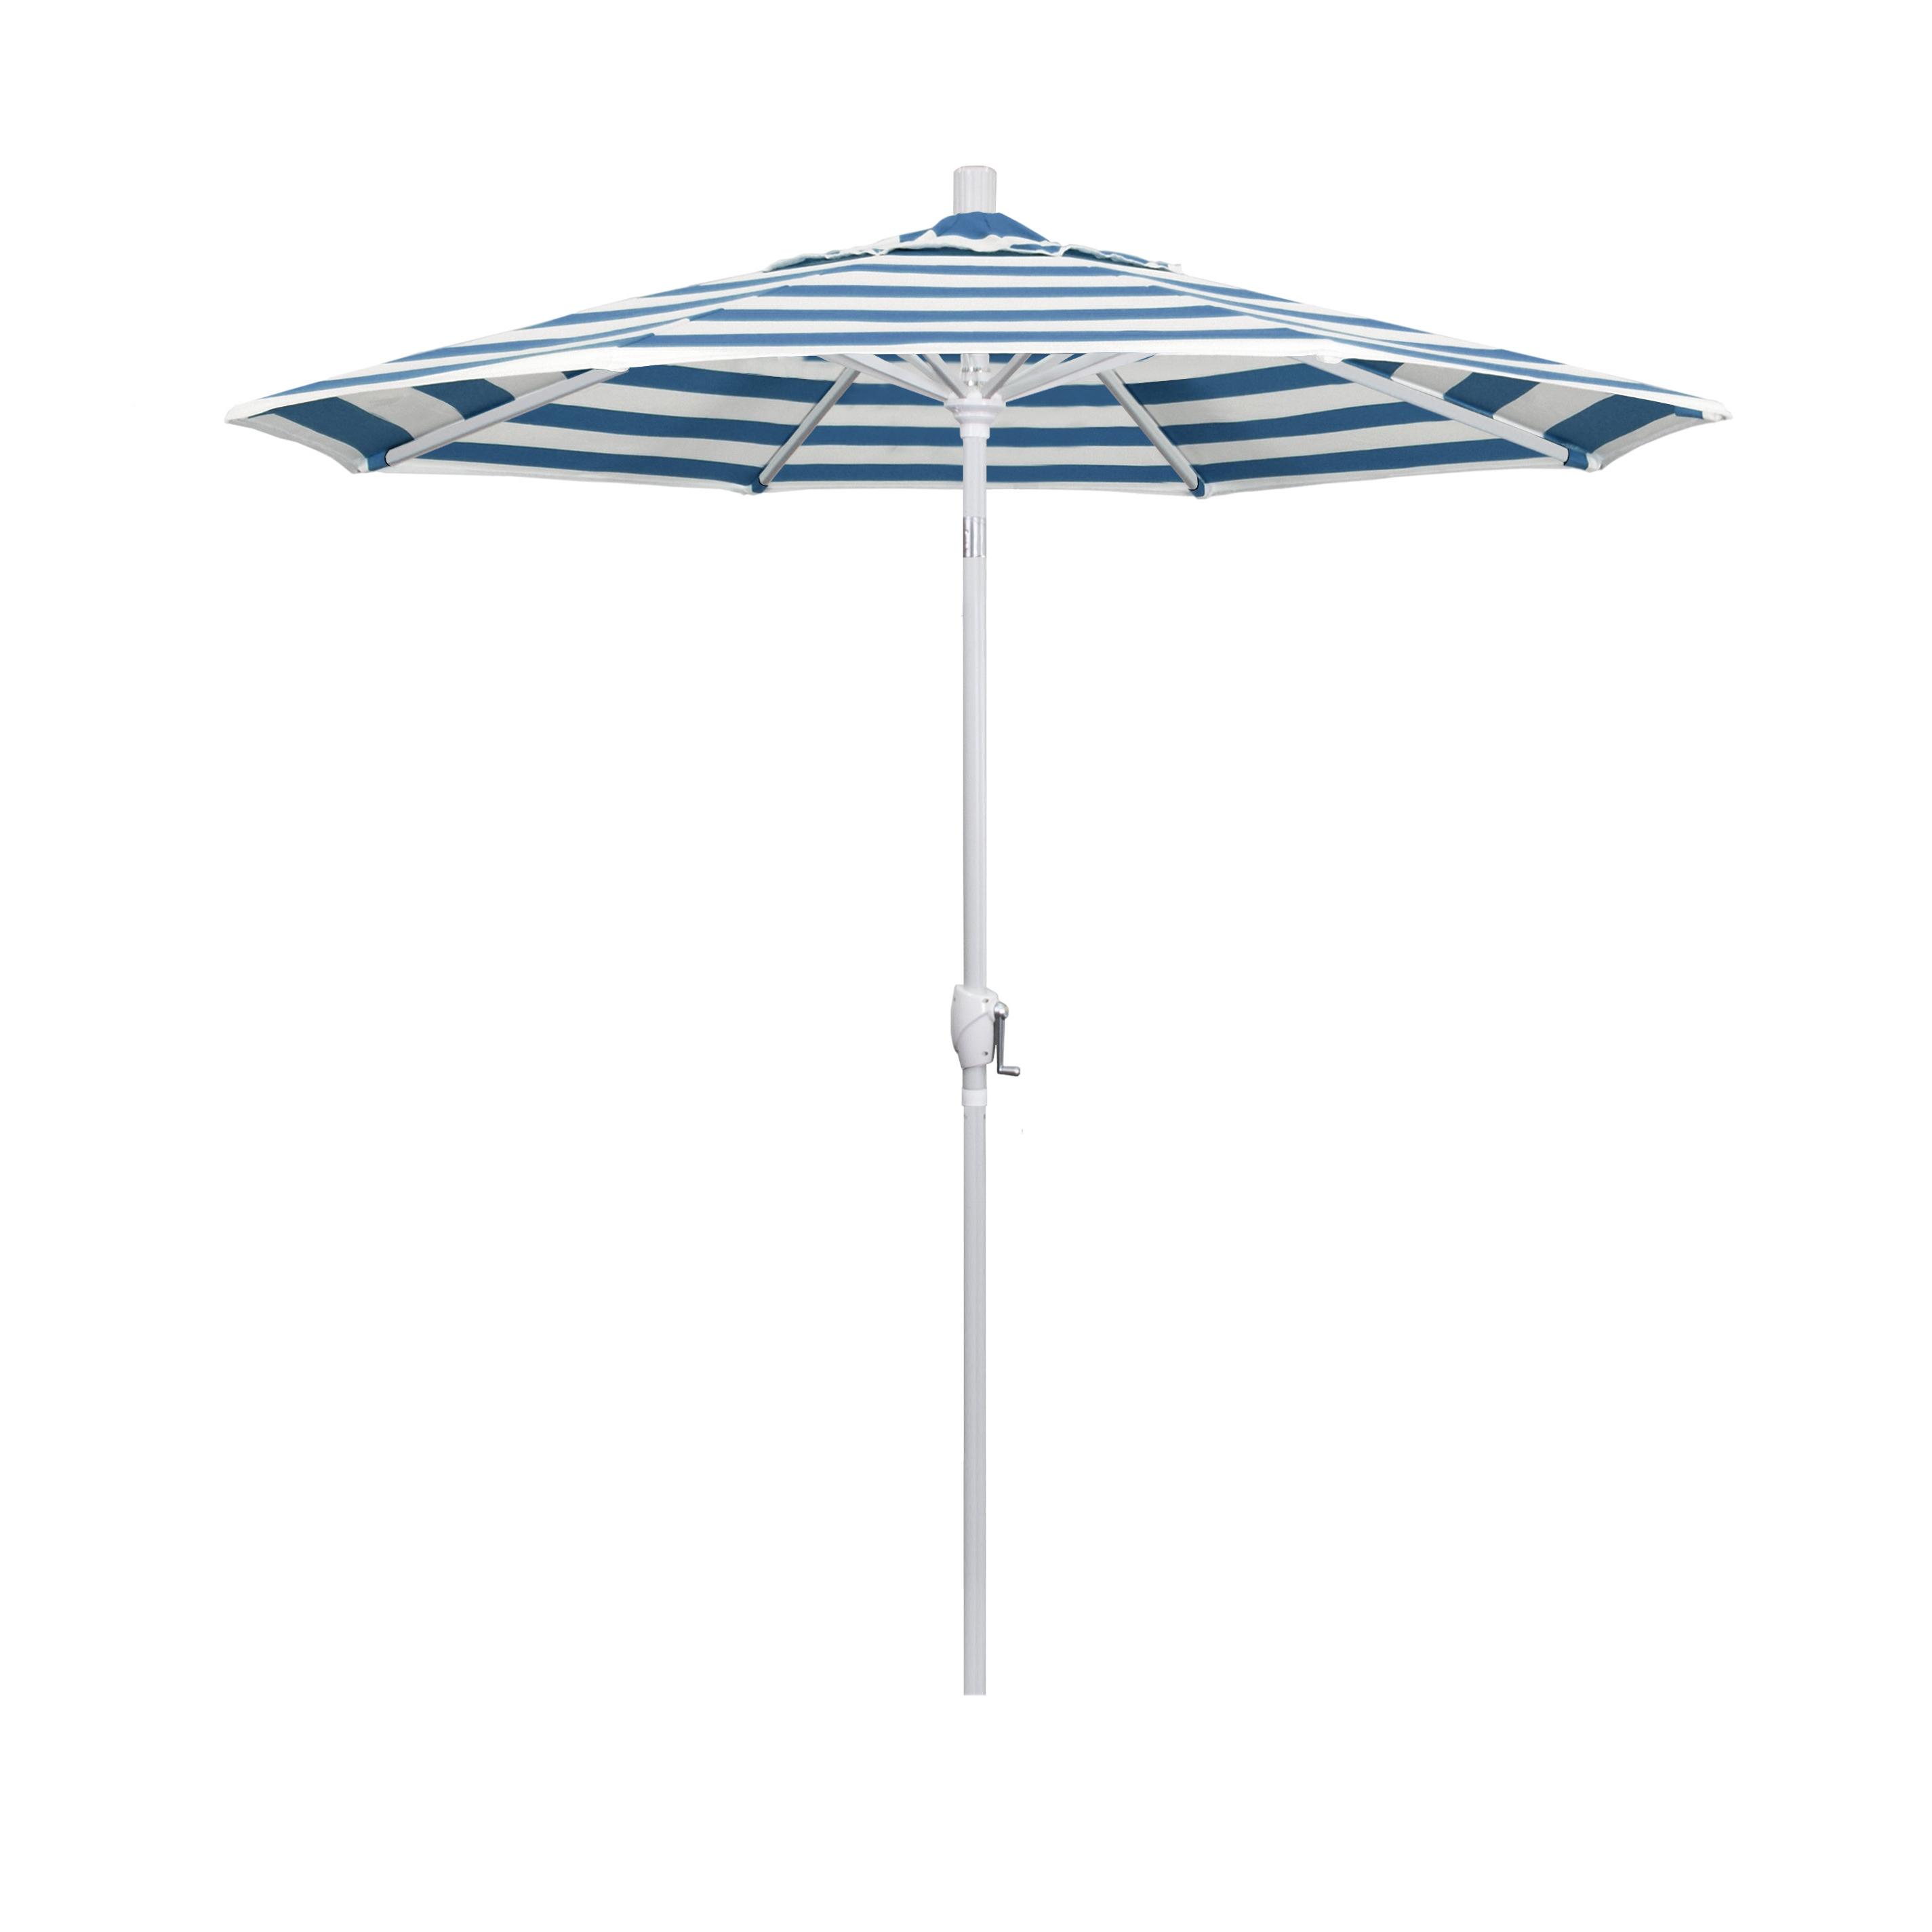 2020 Wiechmann Push Tilt Market Sunbrella Umbrellas With Regard To 7.5' Market Sunbrella Umbrella (Gallery 20 of 20)